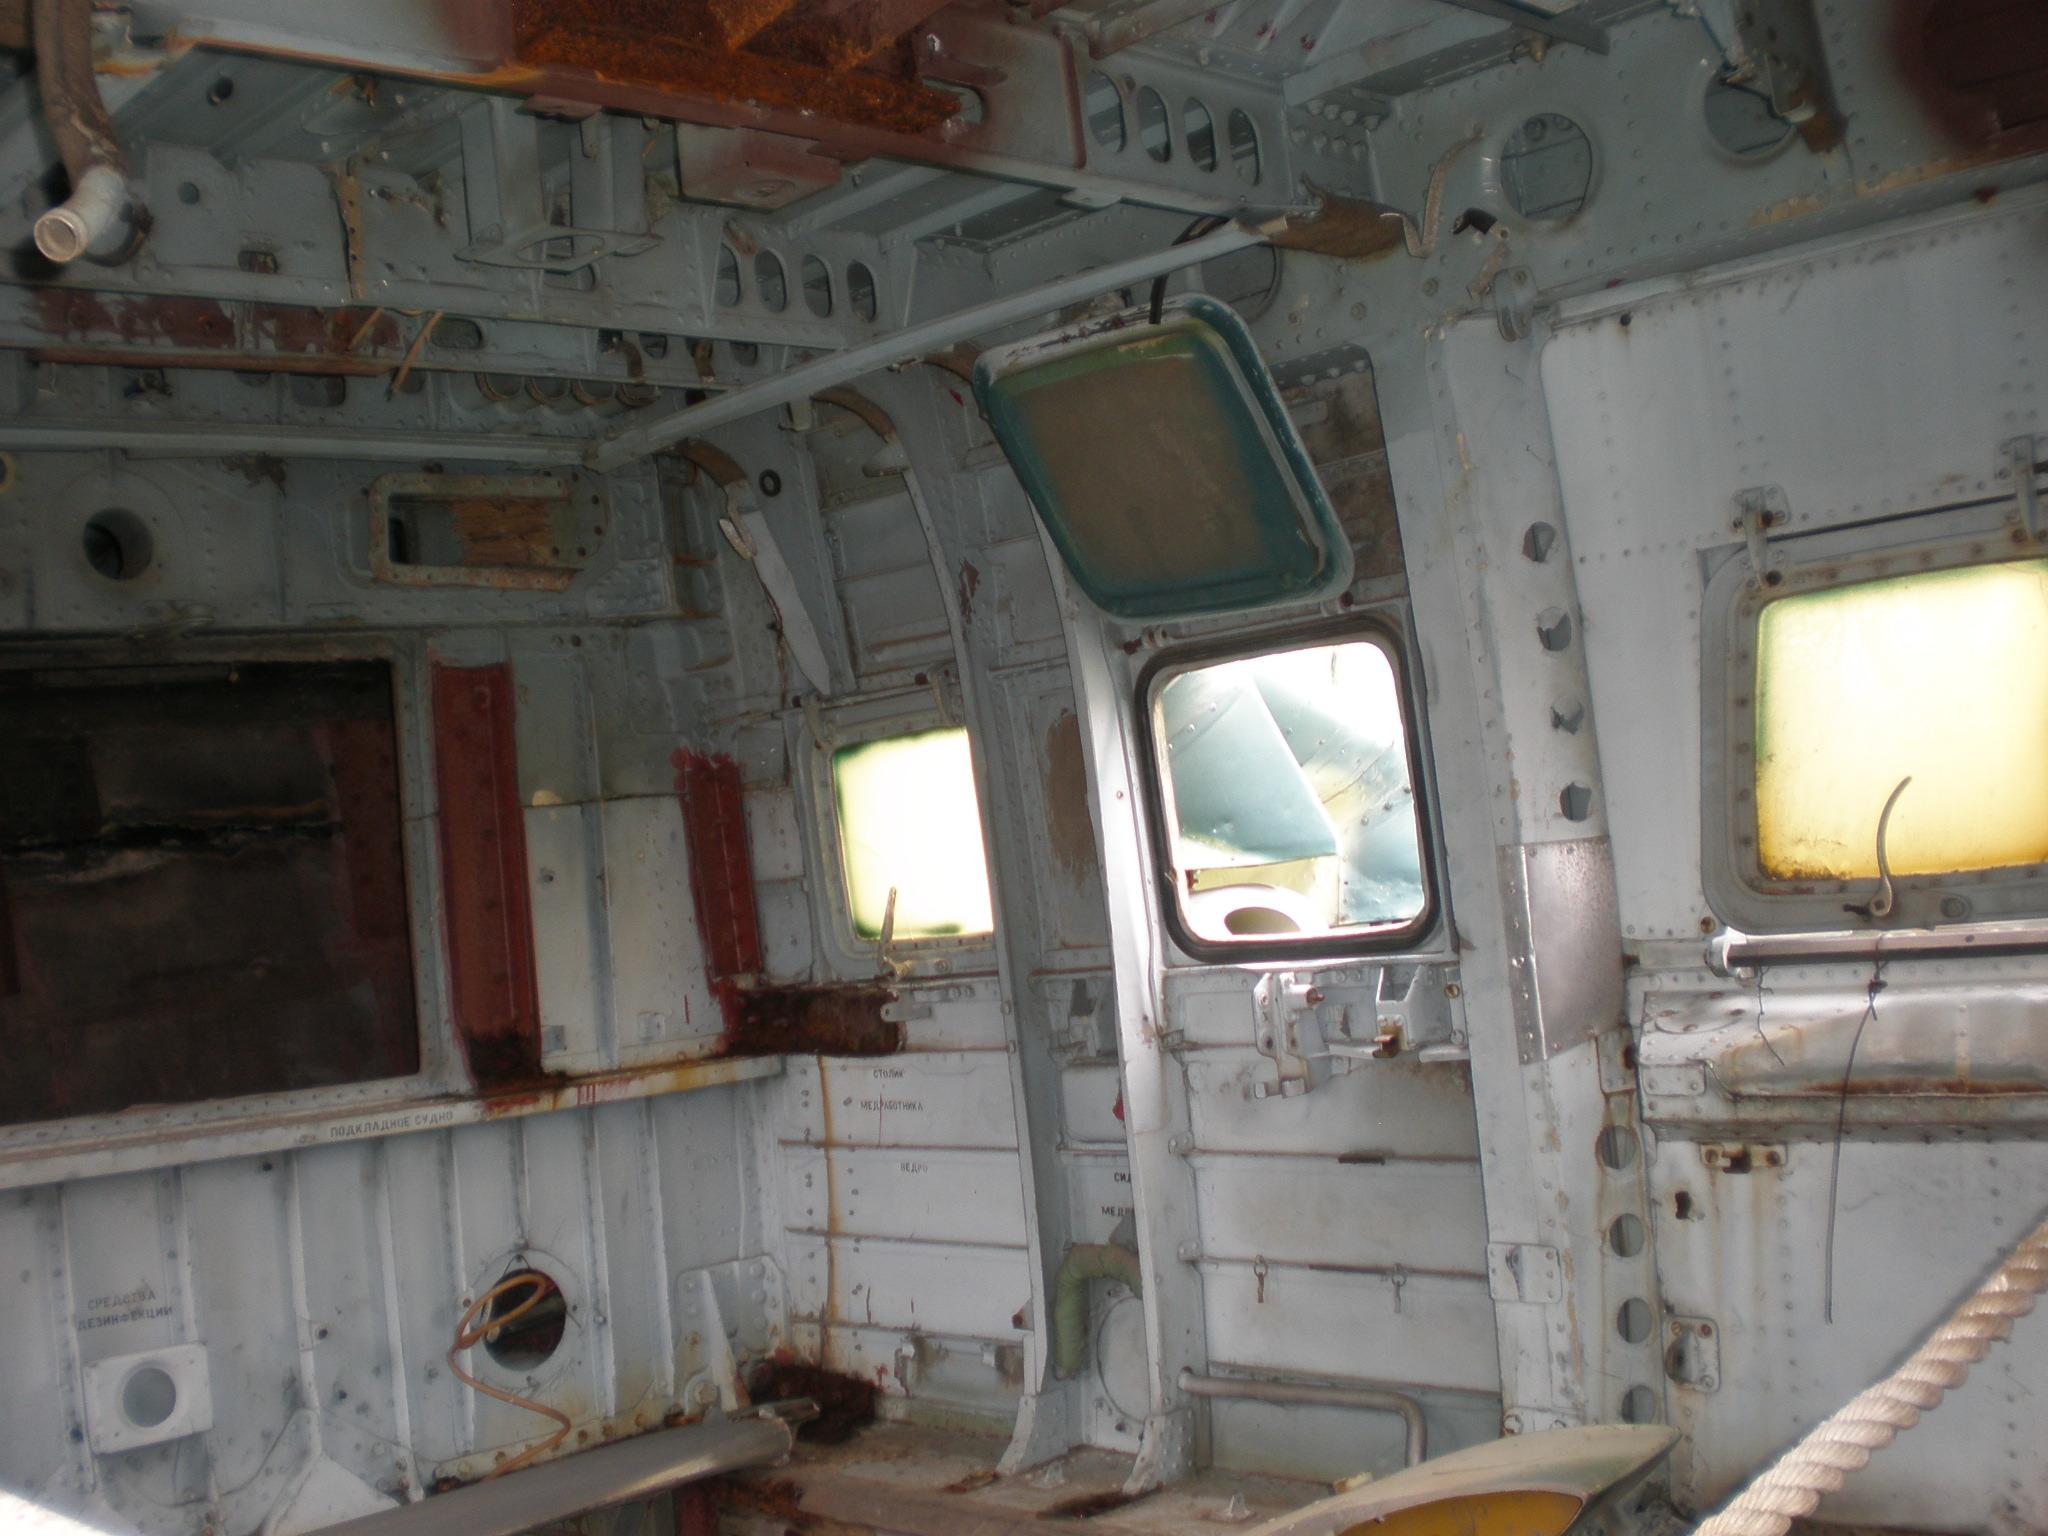 Green-Mil-Mi-24-Hind-cabin-interior-MW.j